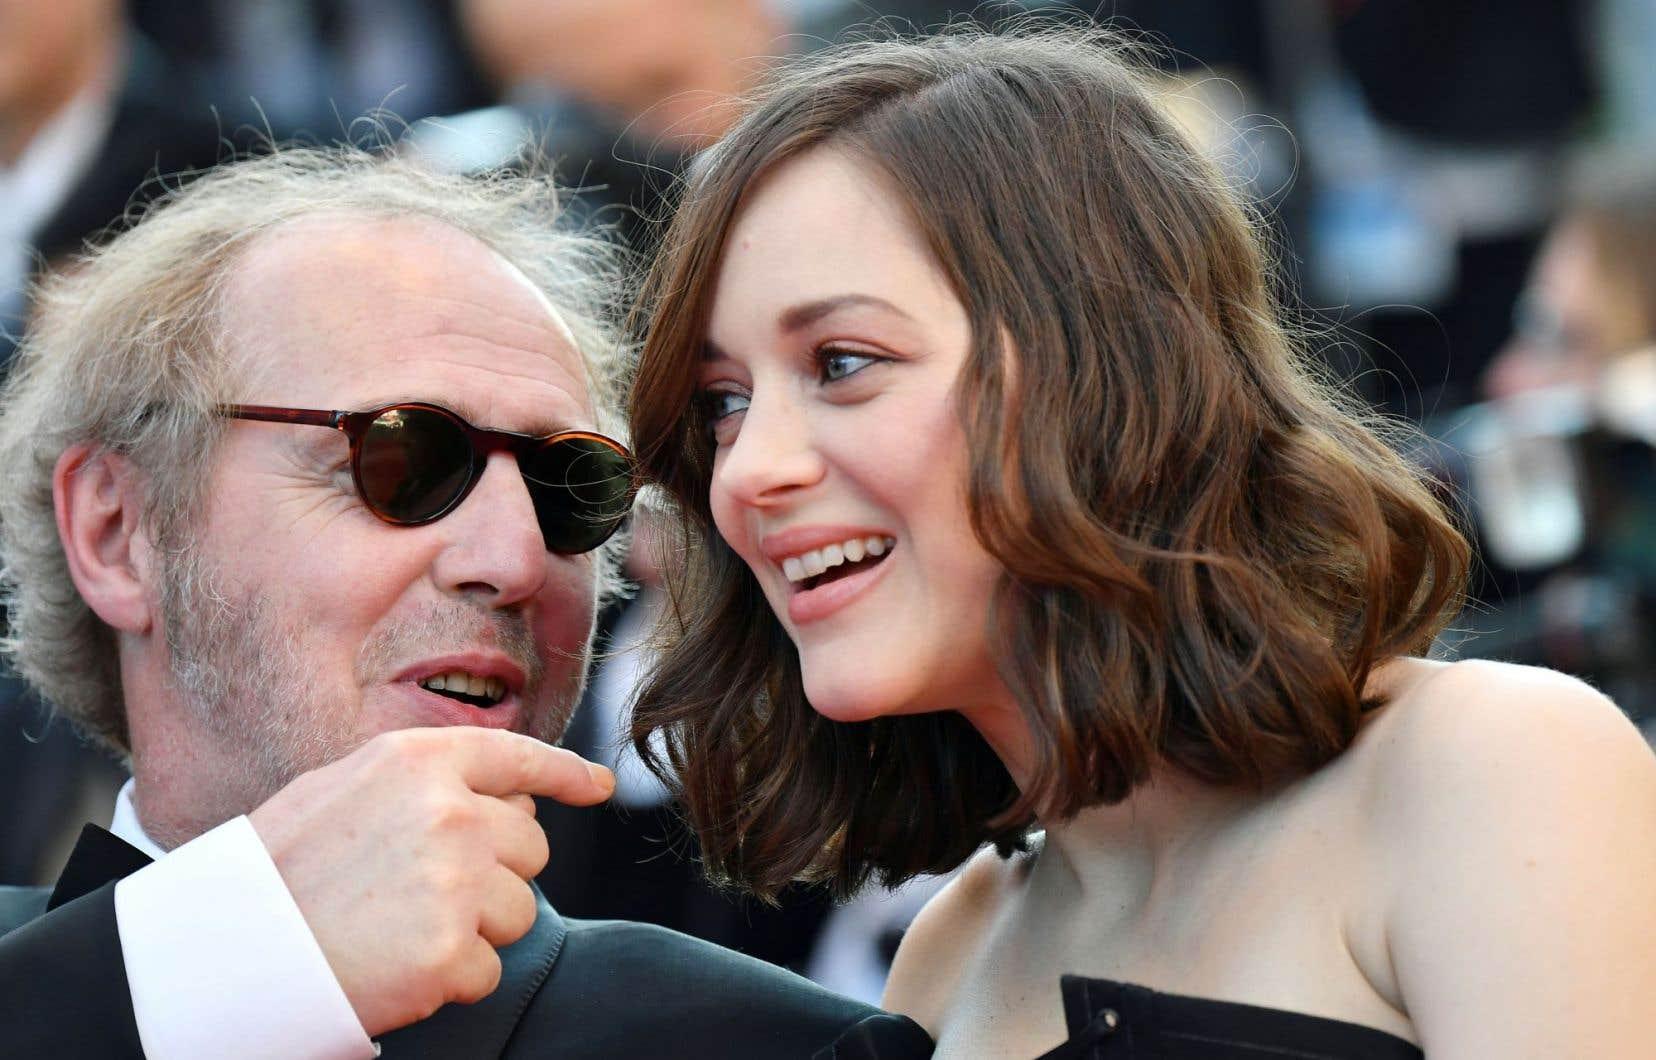 Le réalisateur Arnaud Desplechin dit de belles choses sur Marion Cotillard, lumineuse en fantôme autant qu'en vivante dans «Les fantômes d'Ismaël», qui vole en quelque sorte la vedette aux autres.